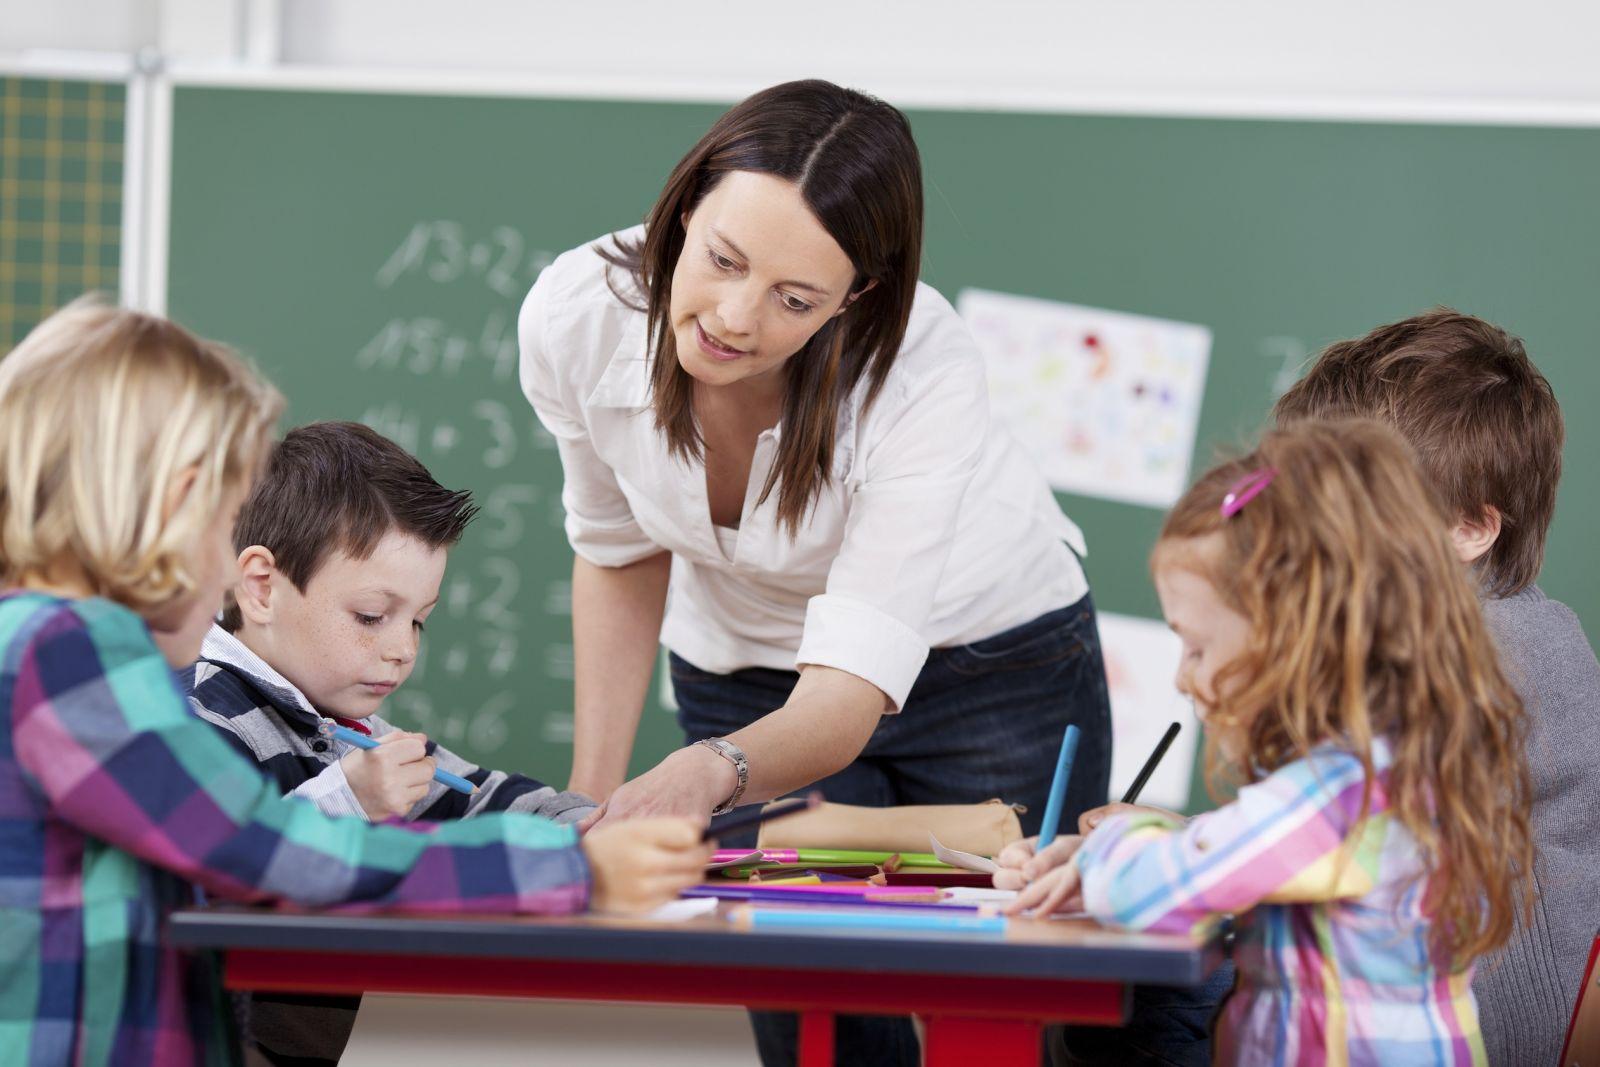 از جمله بارز ترین موارد جانبی شرایط استخدام معلم عبارتند از: